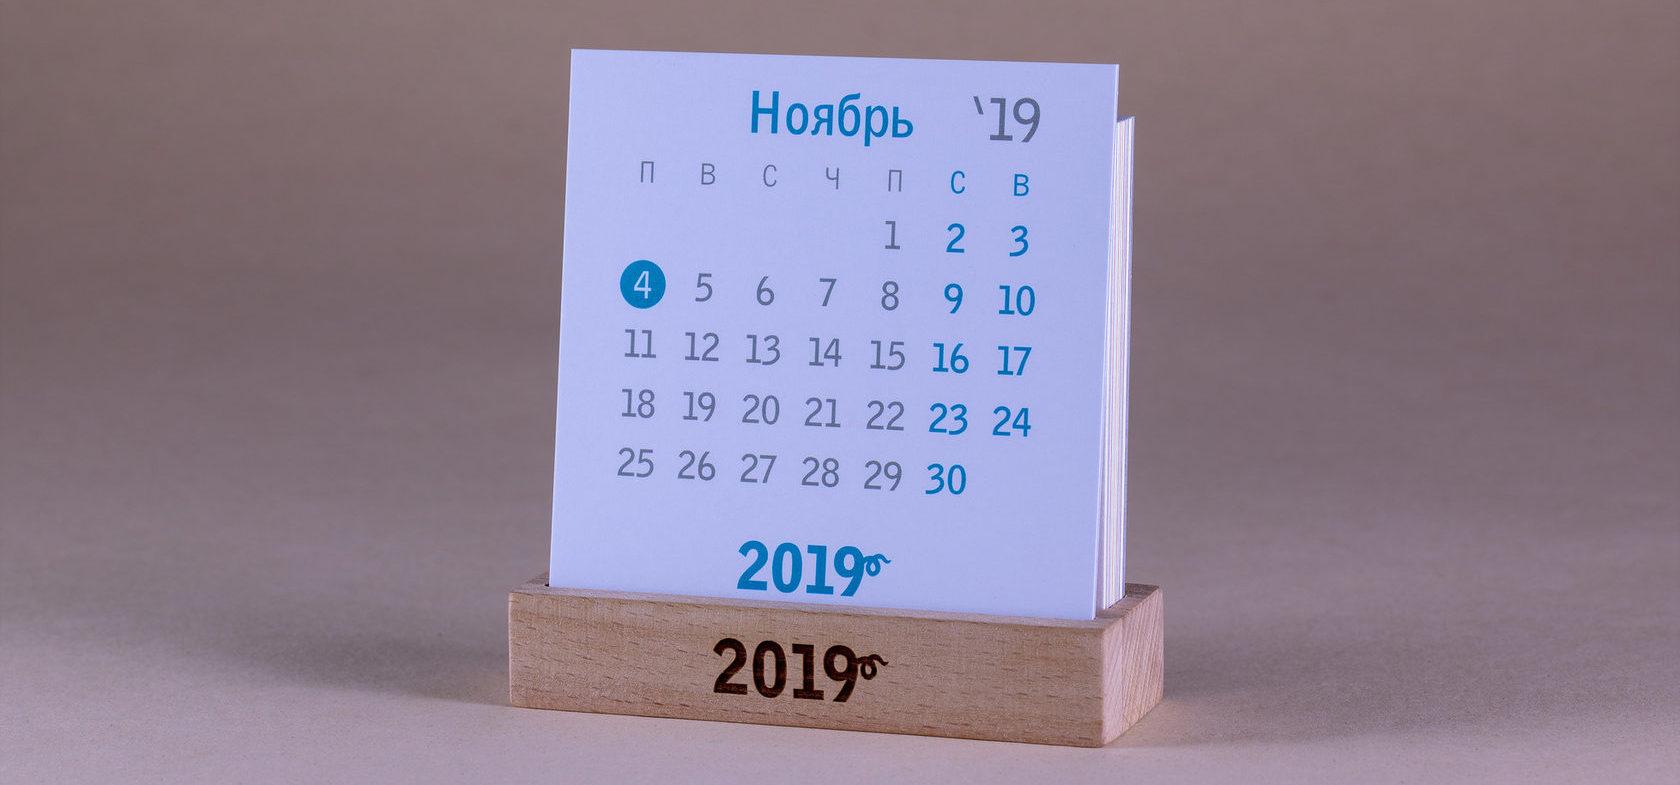 Настольный календарь Ноябрь